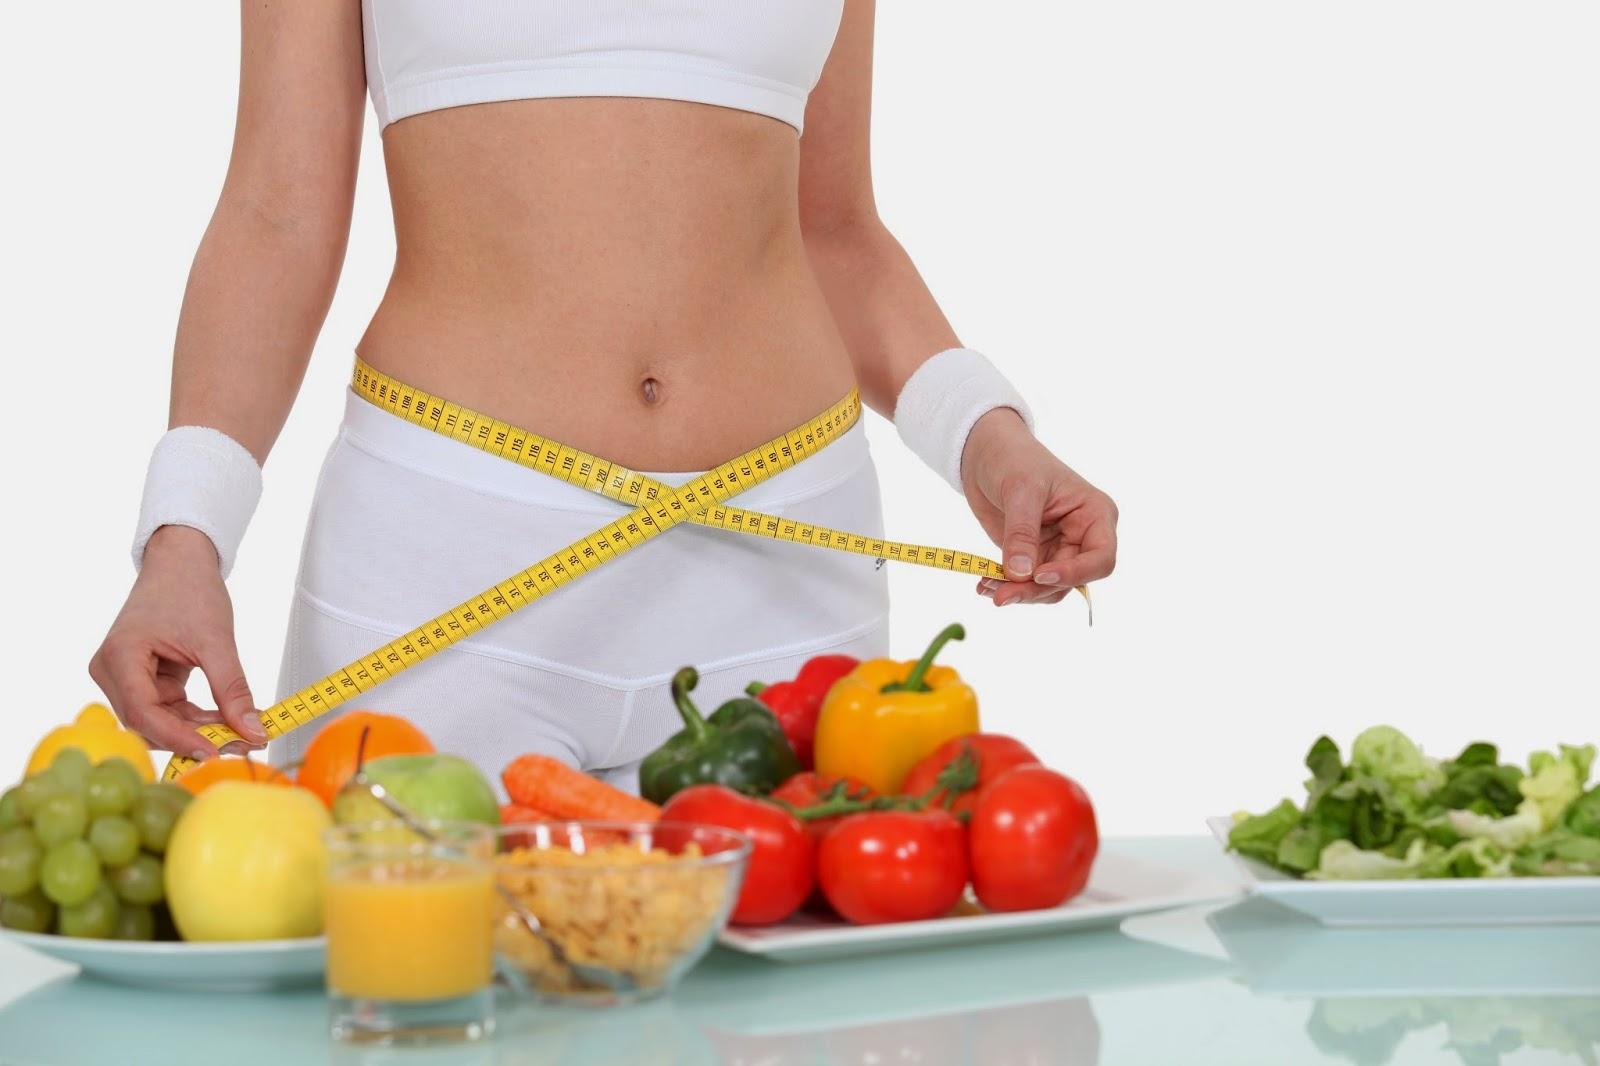 come perdere peso senza esercizio fisico o dieta